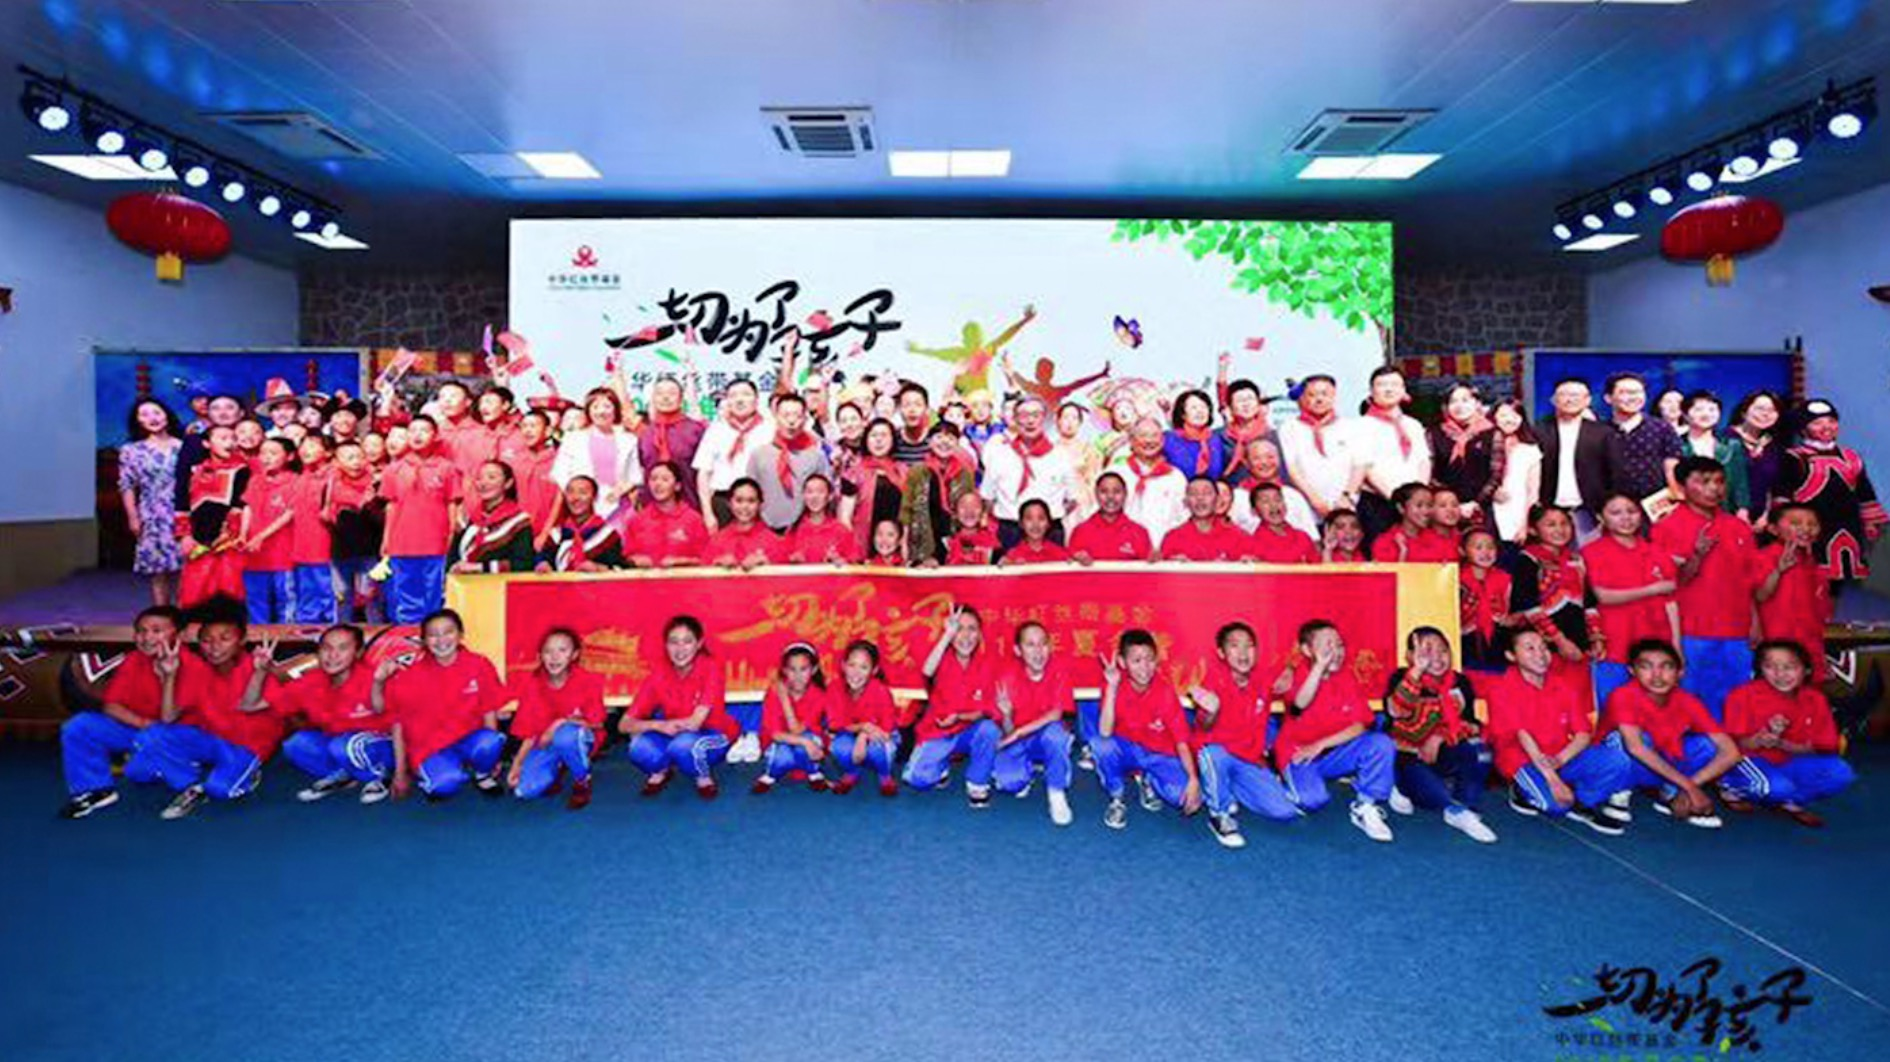 万达资助四川凉山贫困学生北京举办夏令营活动